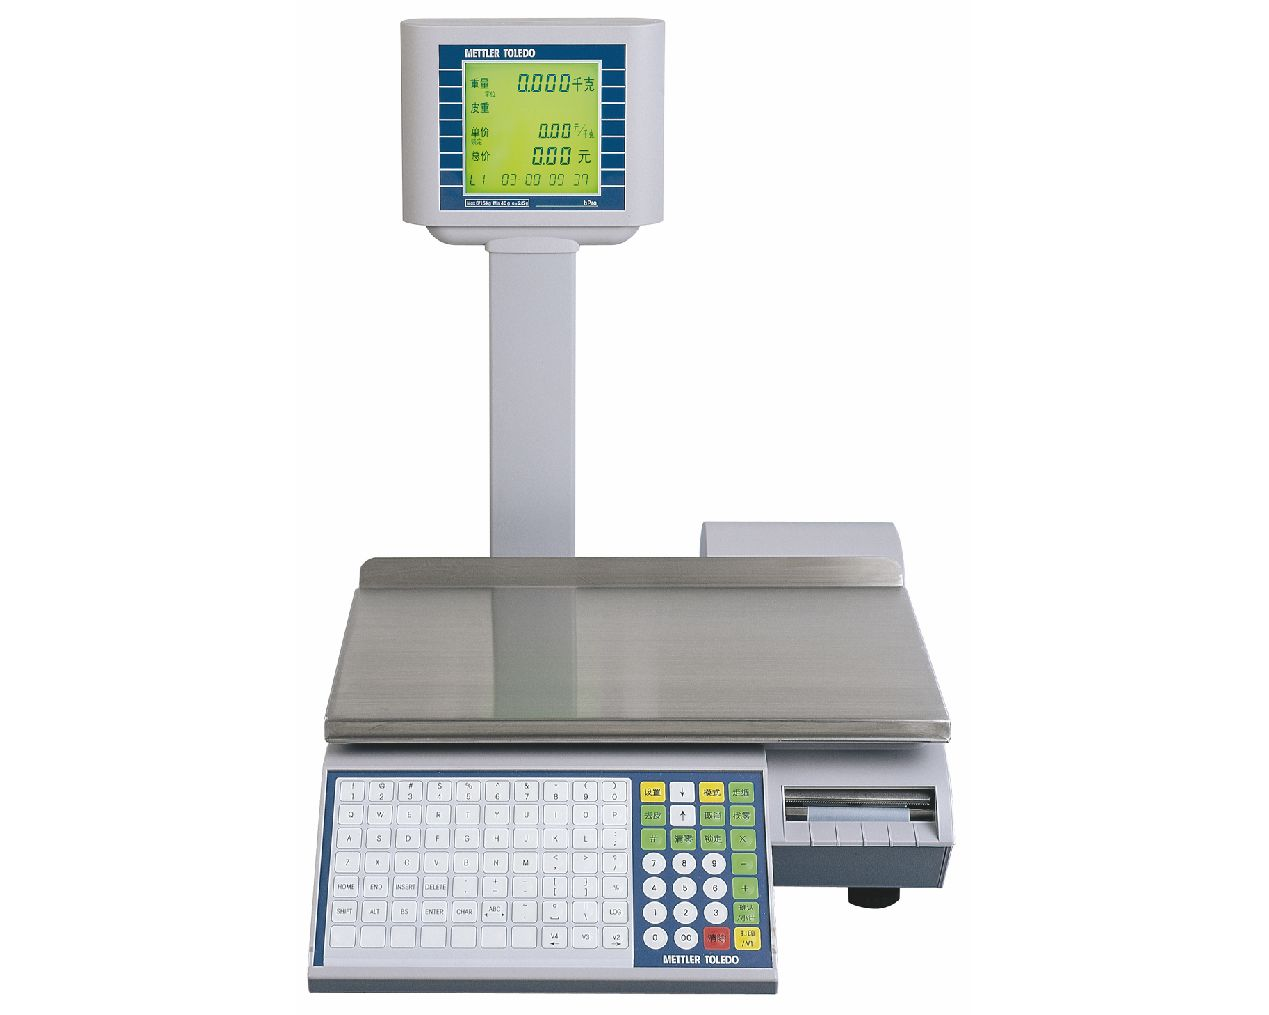 Торговое оборудование для магазинов от tigerpro8442.ru